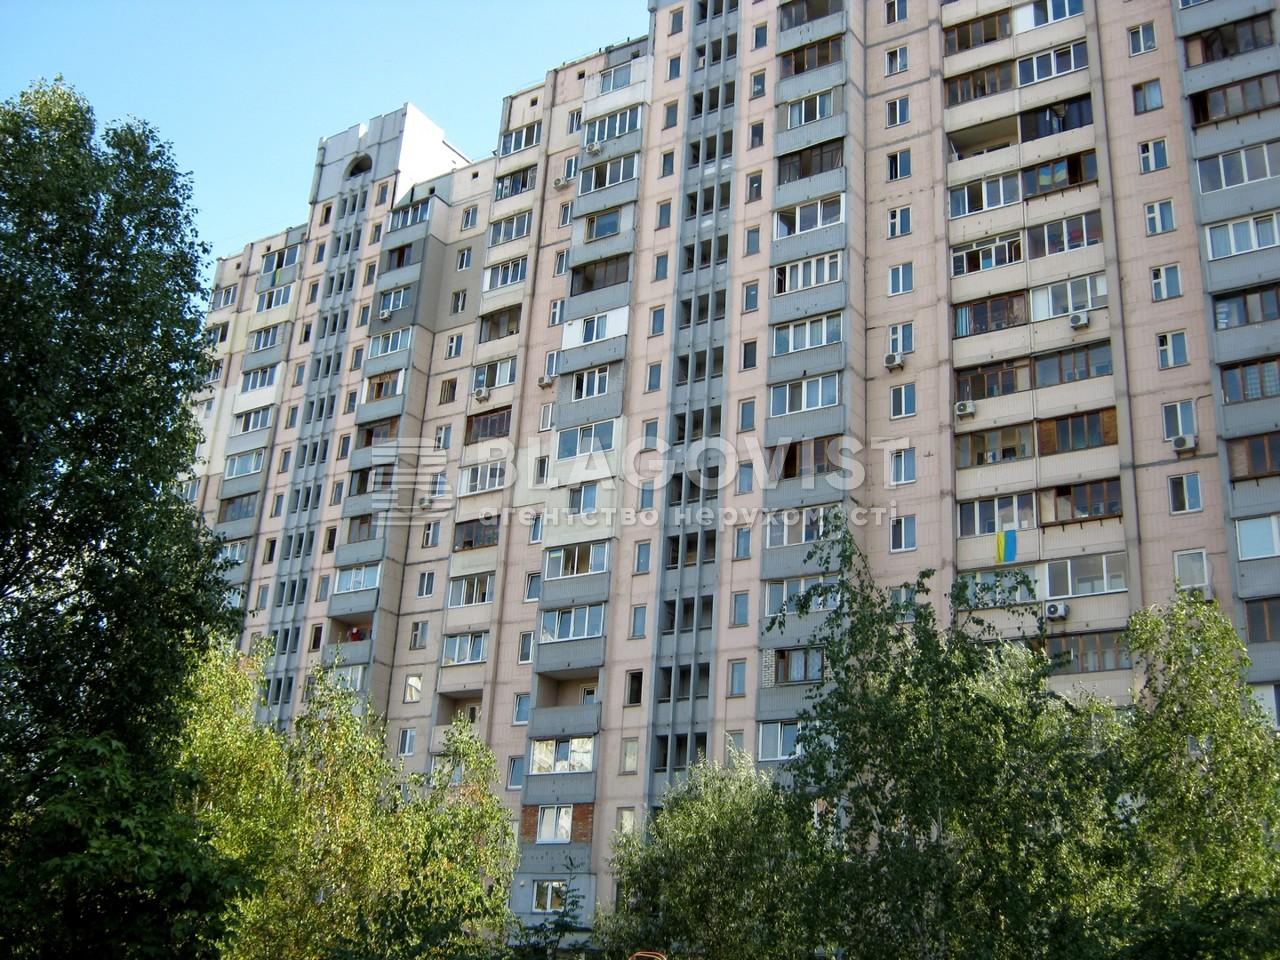 Квартира A-105842, Вишняковская, 5, Киев - Фото 1